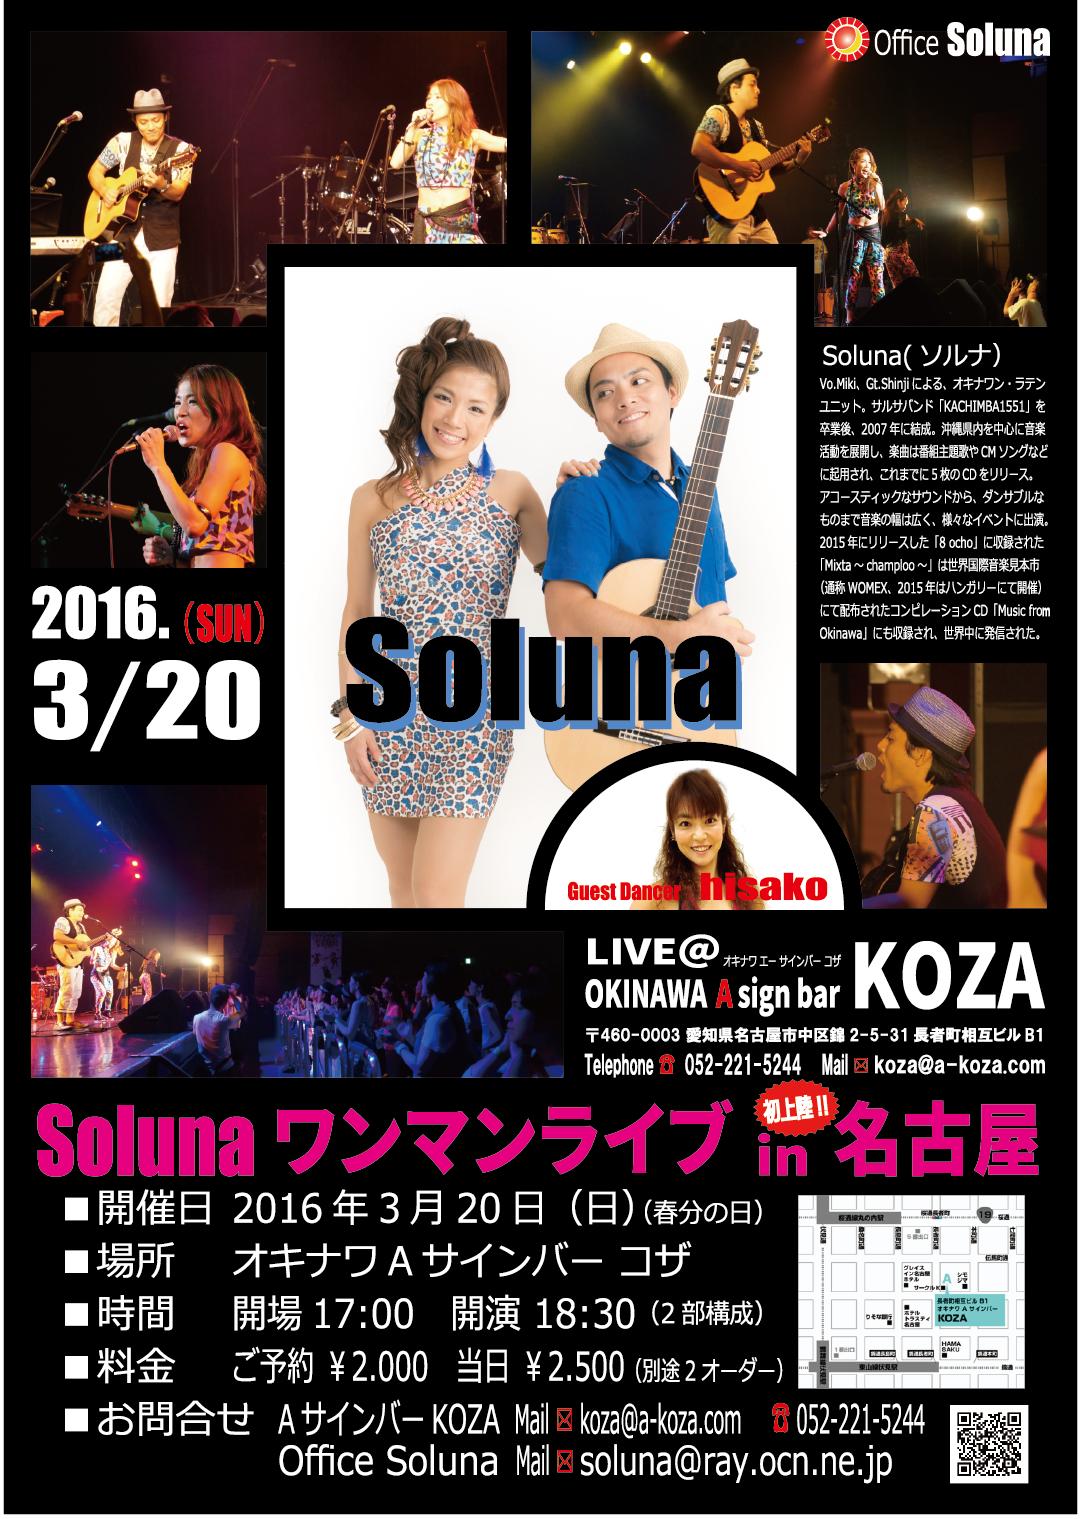 名古屋ライブ2016 B5版